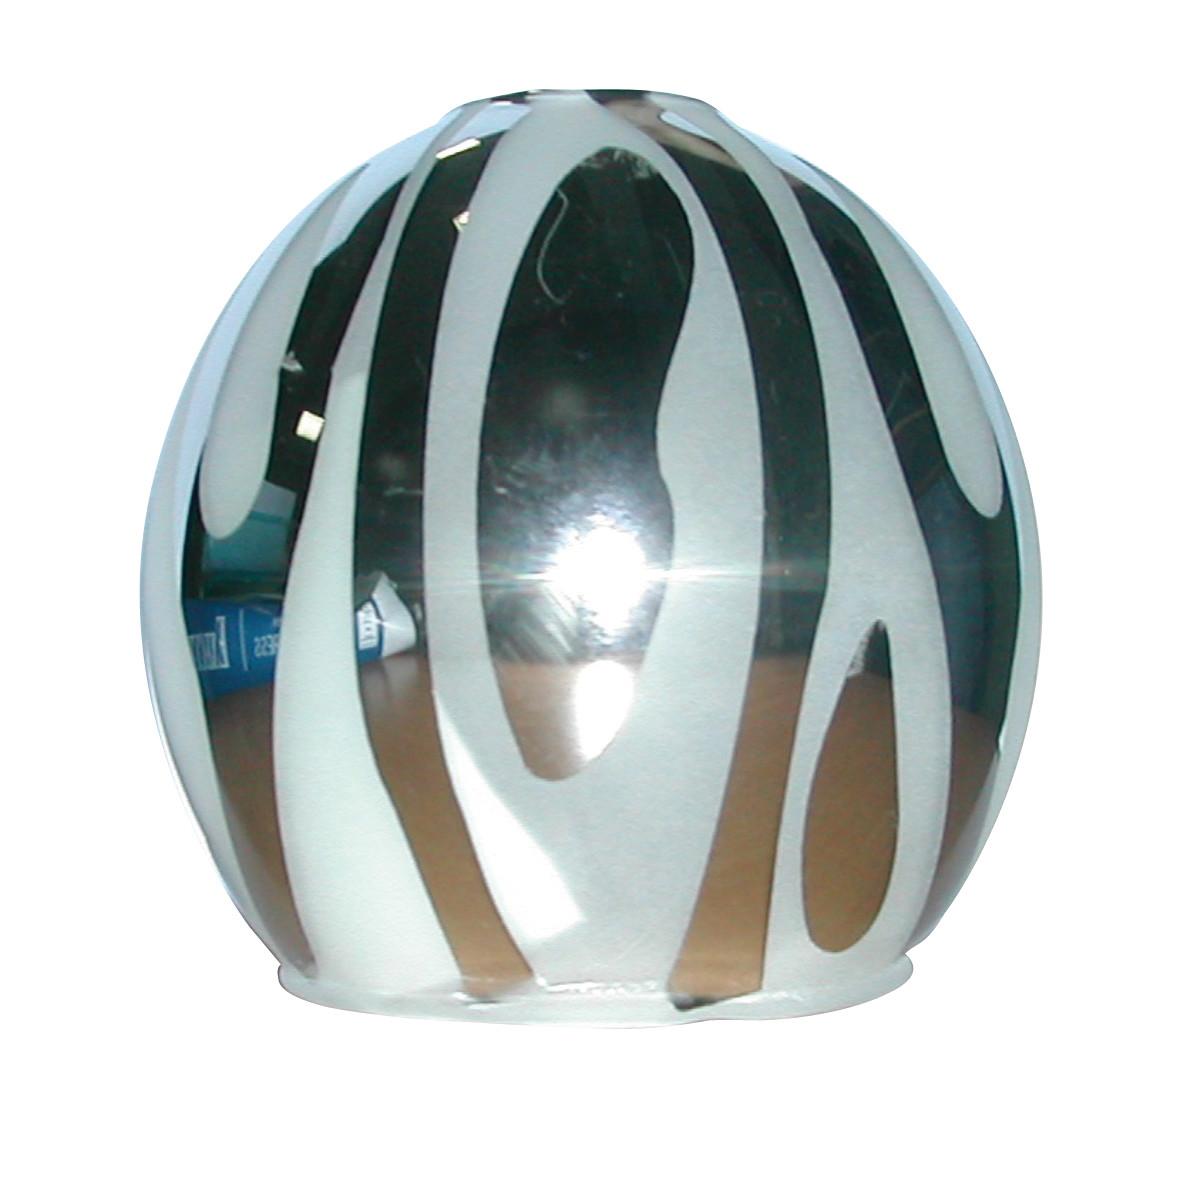 Ricambio touchscreen vetro mediacom telefono phonepad duo - Leroy merlin tenerife telefono ...